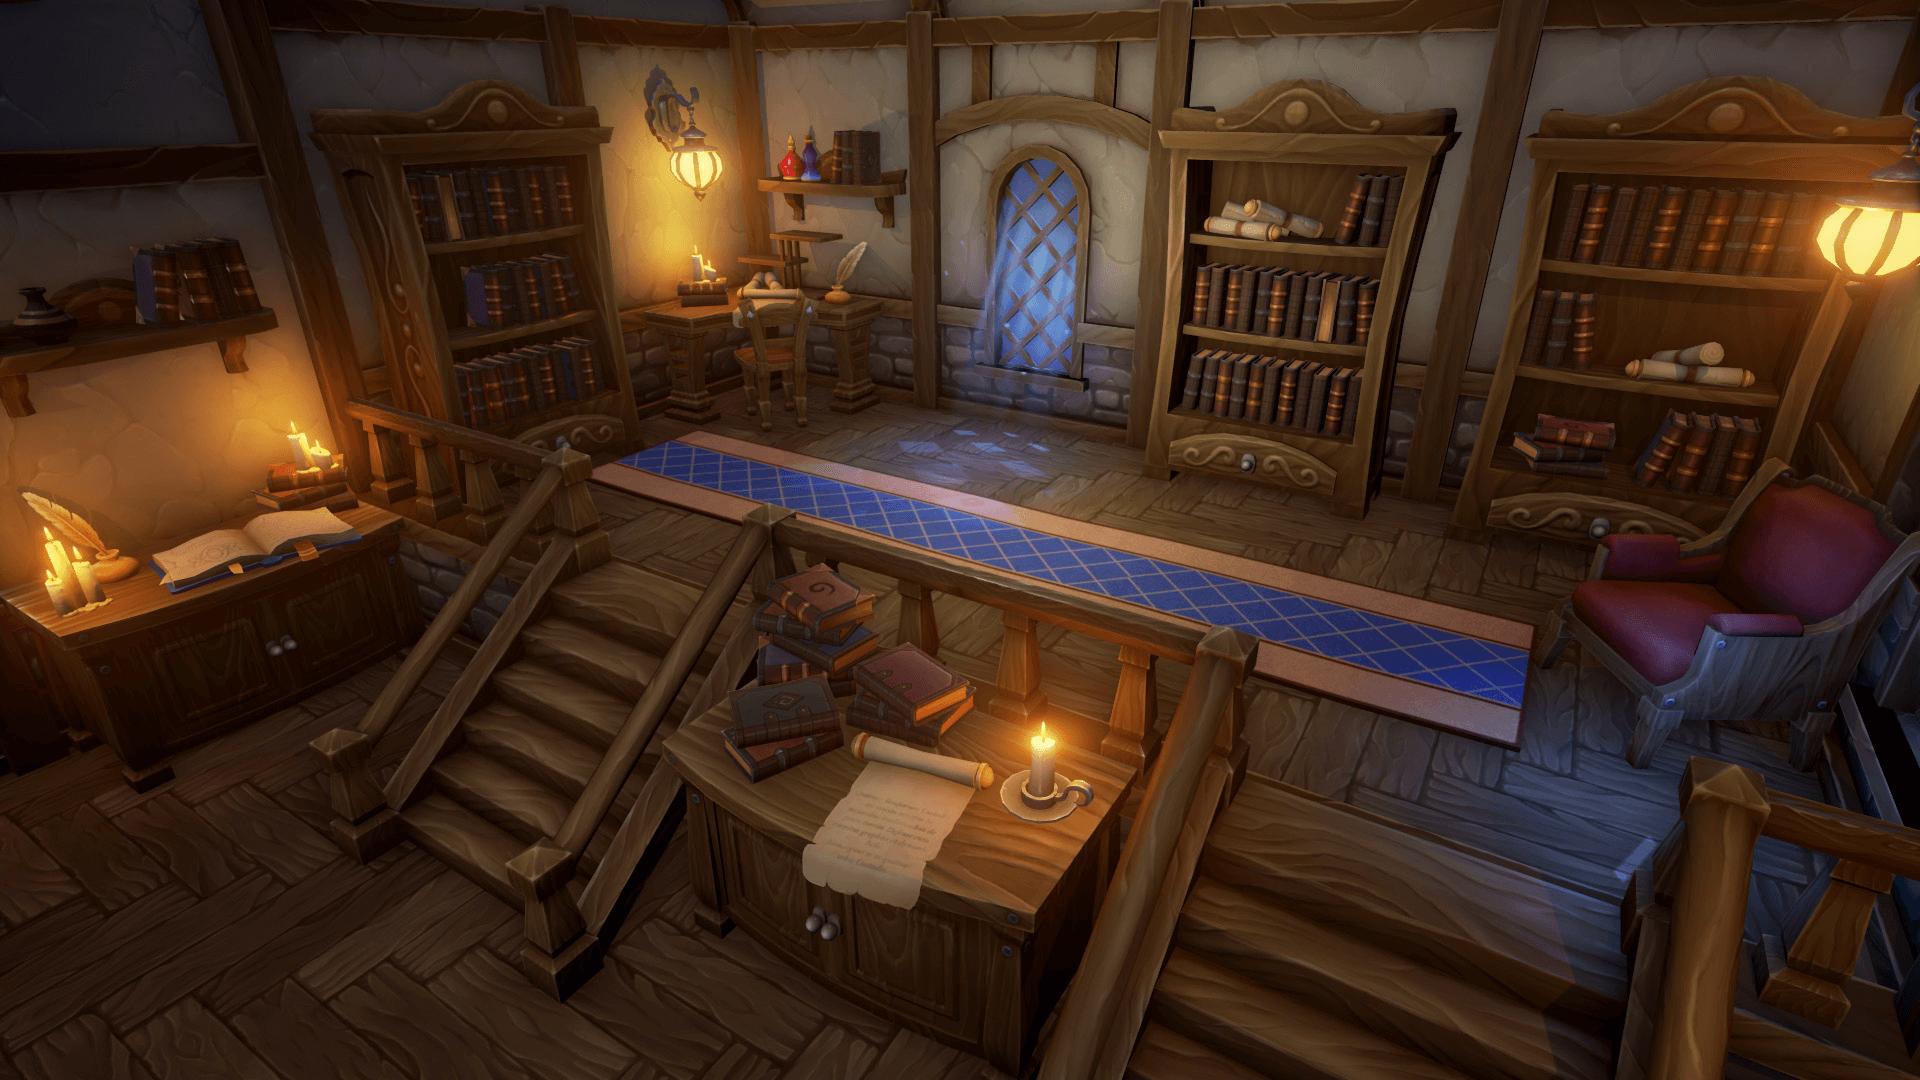 Alchemist S House By Evgeniya Yaremko In Environments Ue4 Marketplace